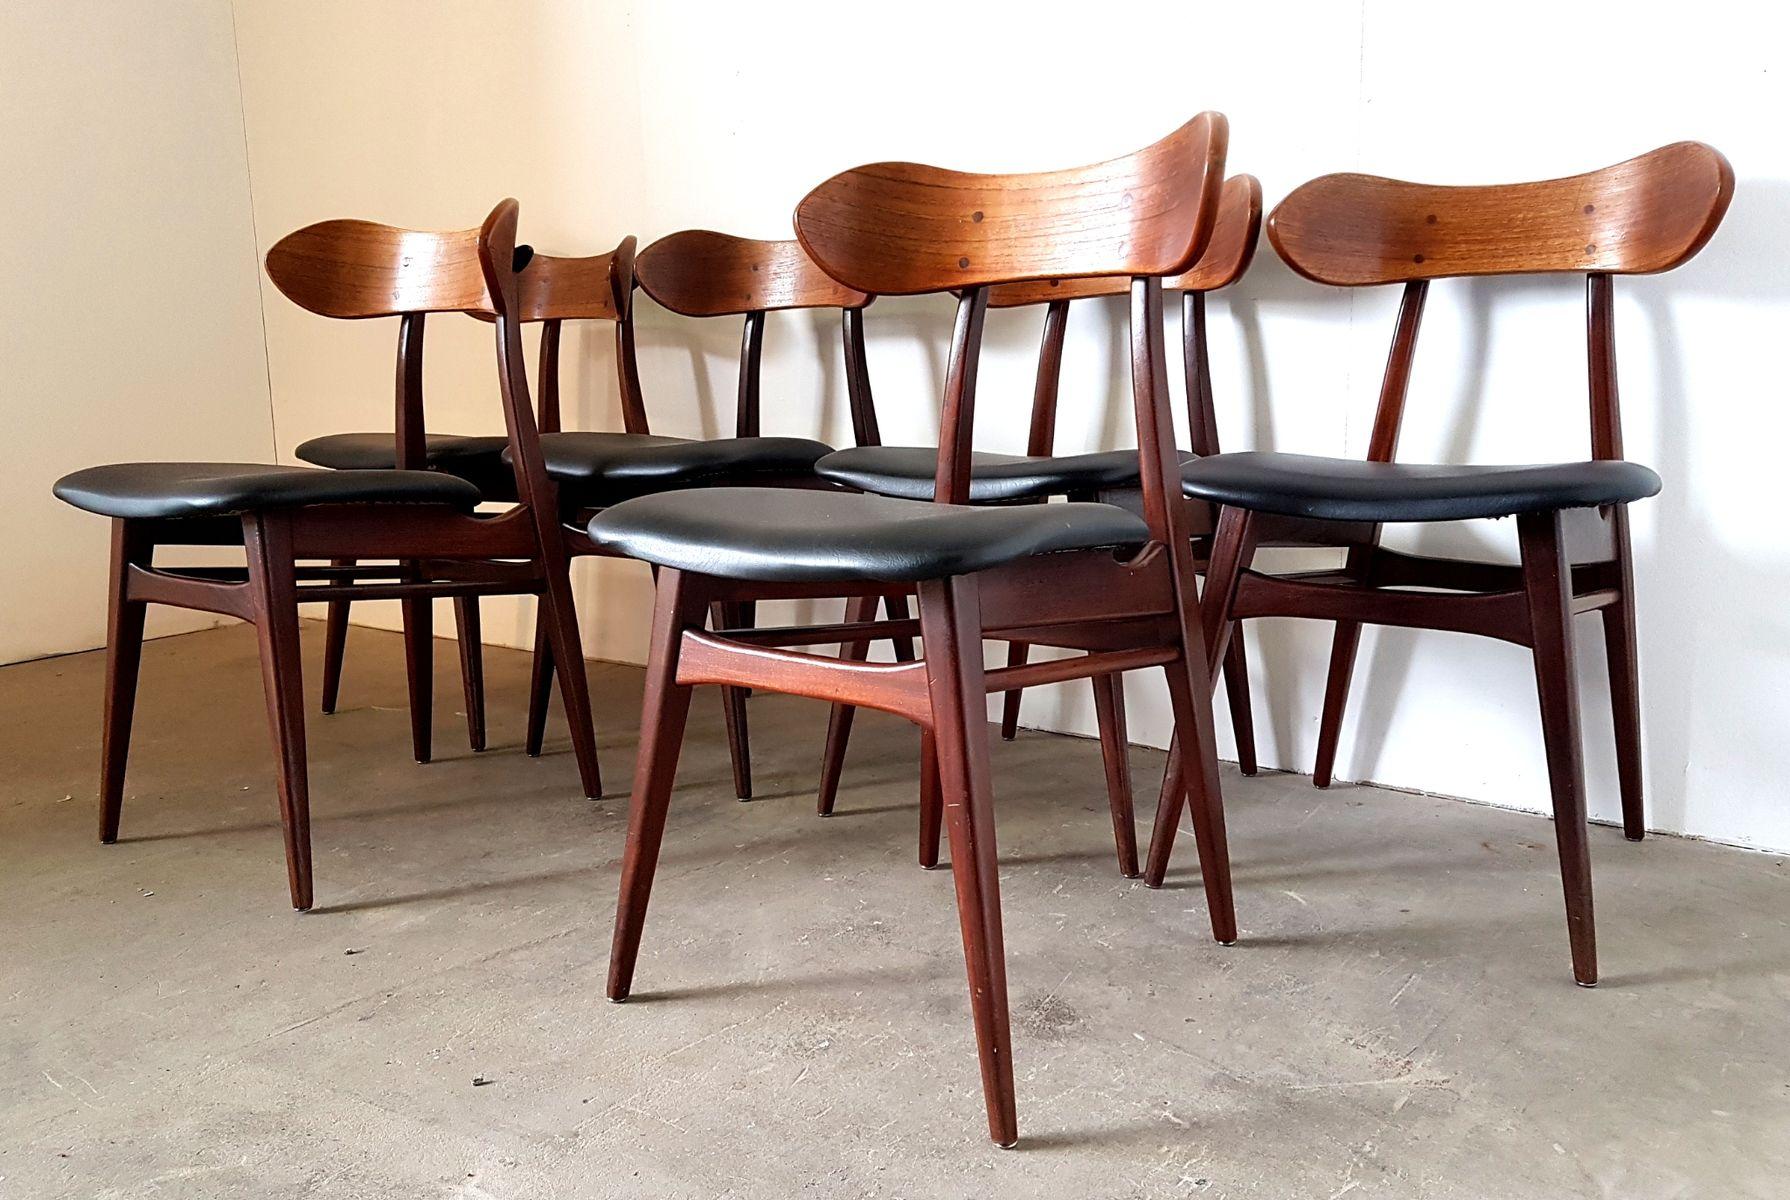 esszimmerst hle von louis van teeffelen f r w b 1960er 6er set bei pamono kaufen. Black Bedroom Furniture Sets. Home Design Ideas